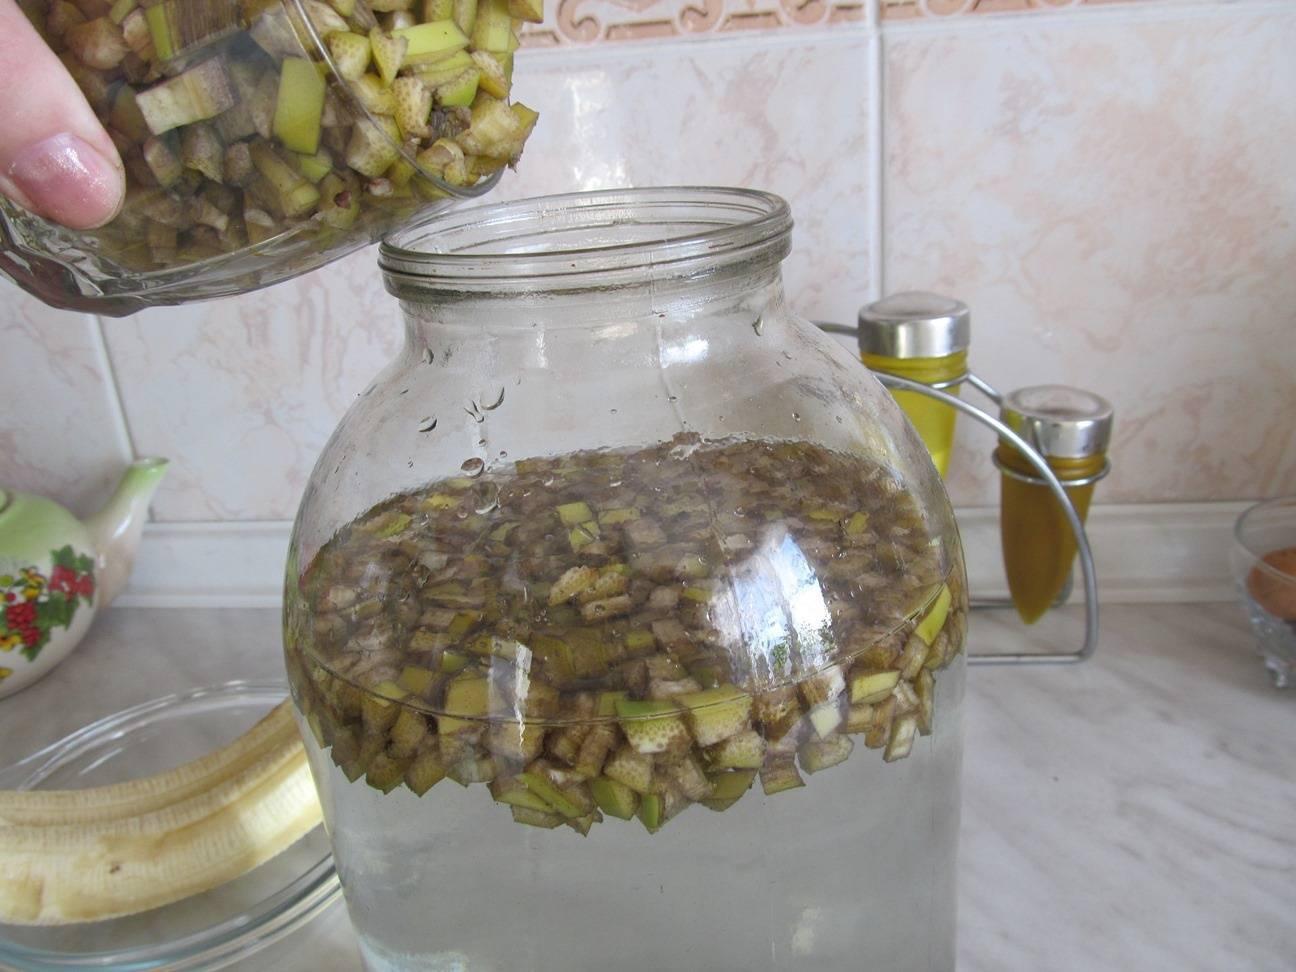 Банановая настойка на водке, самогоне или спирту в домашних условиях